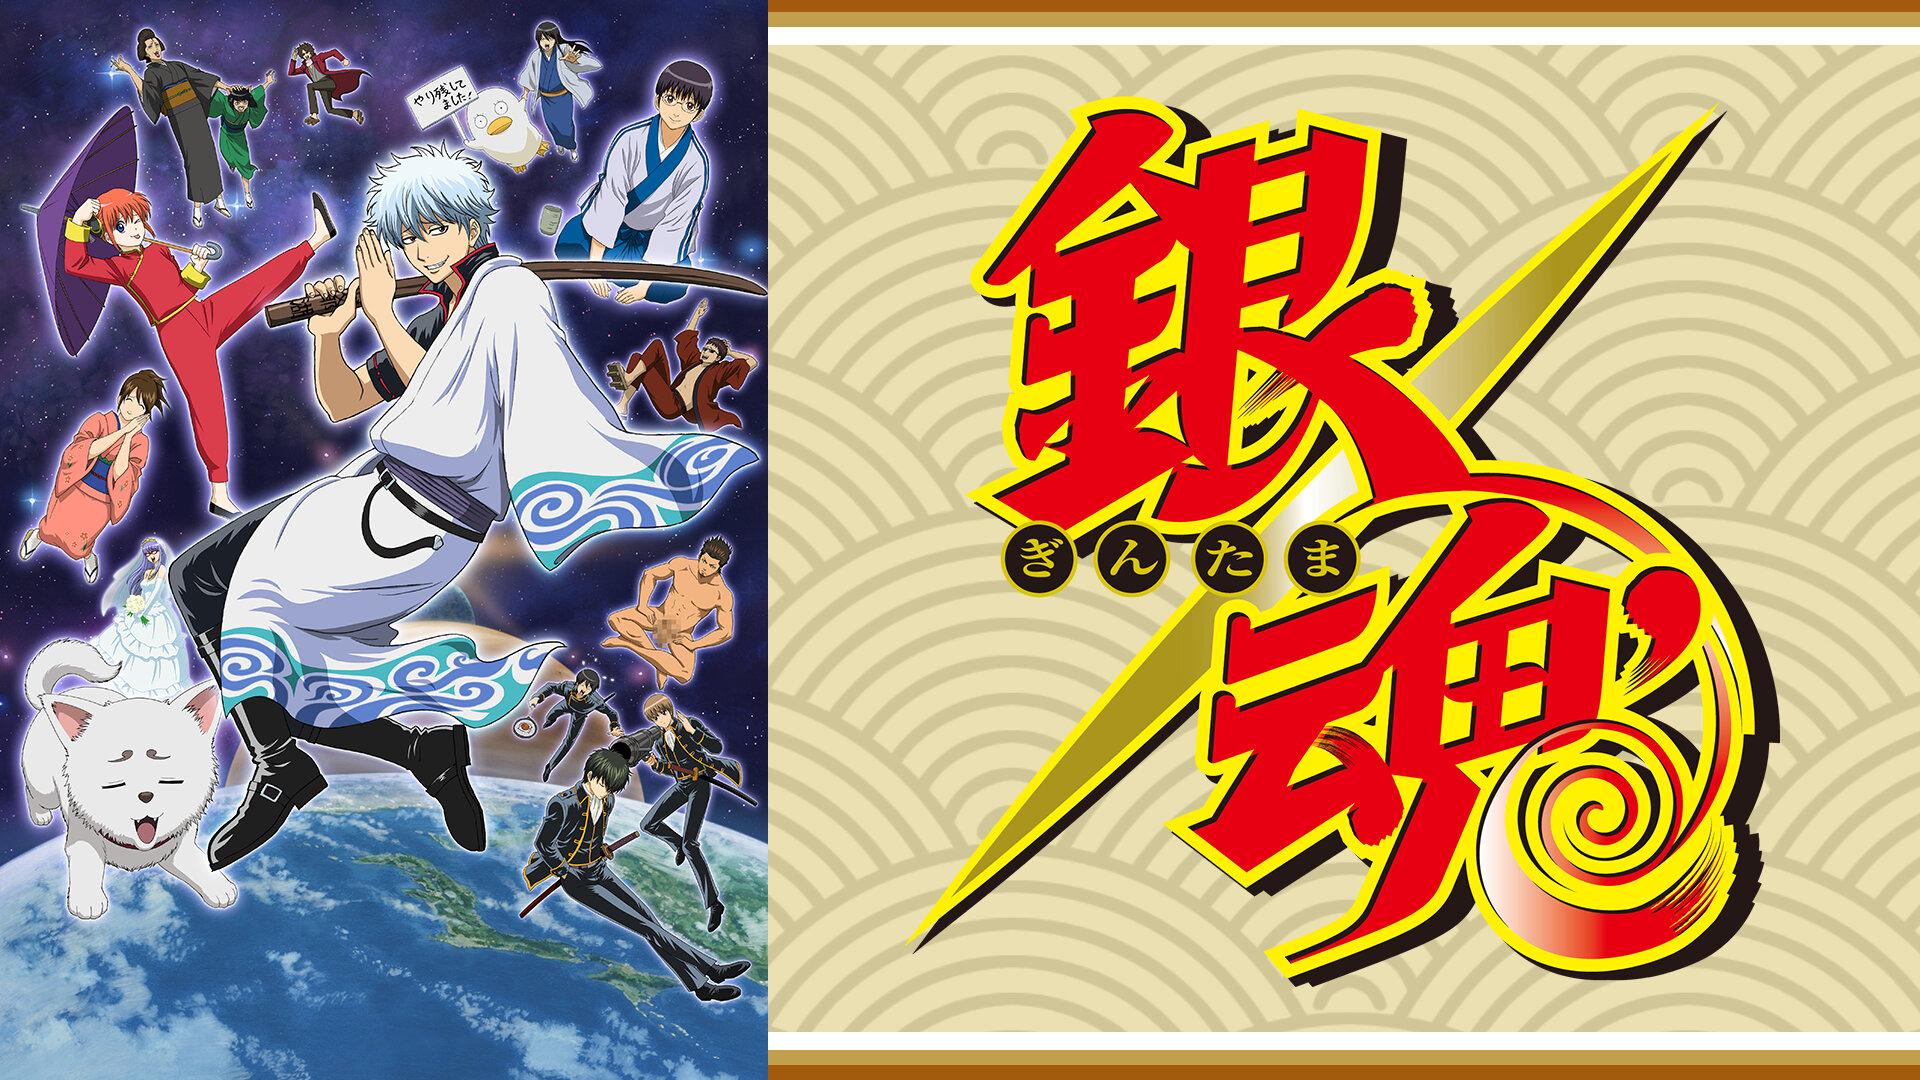 銀魂 ジャンプスペシャルアニメフェスタ2014(dアニメストア)